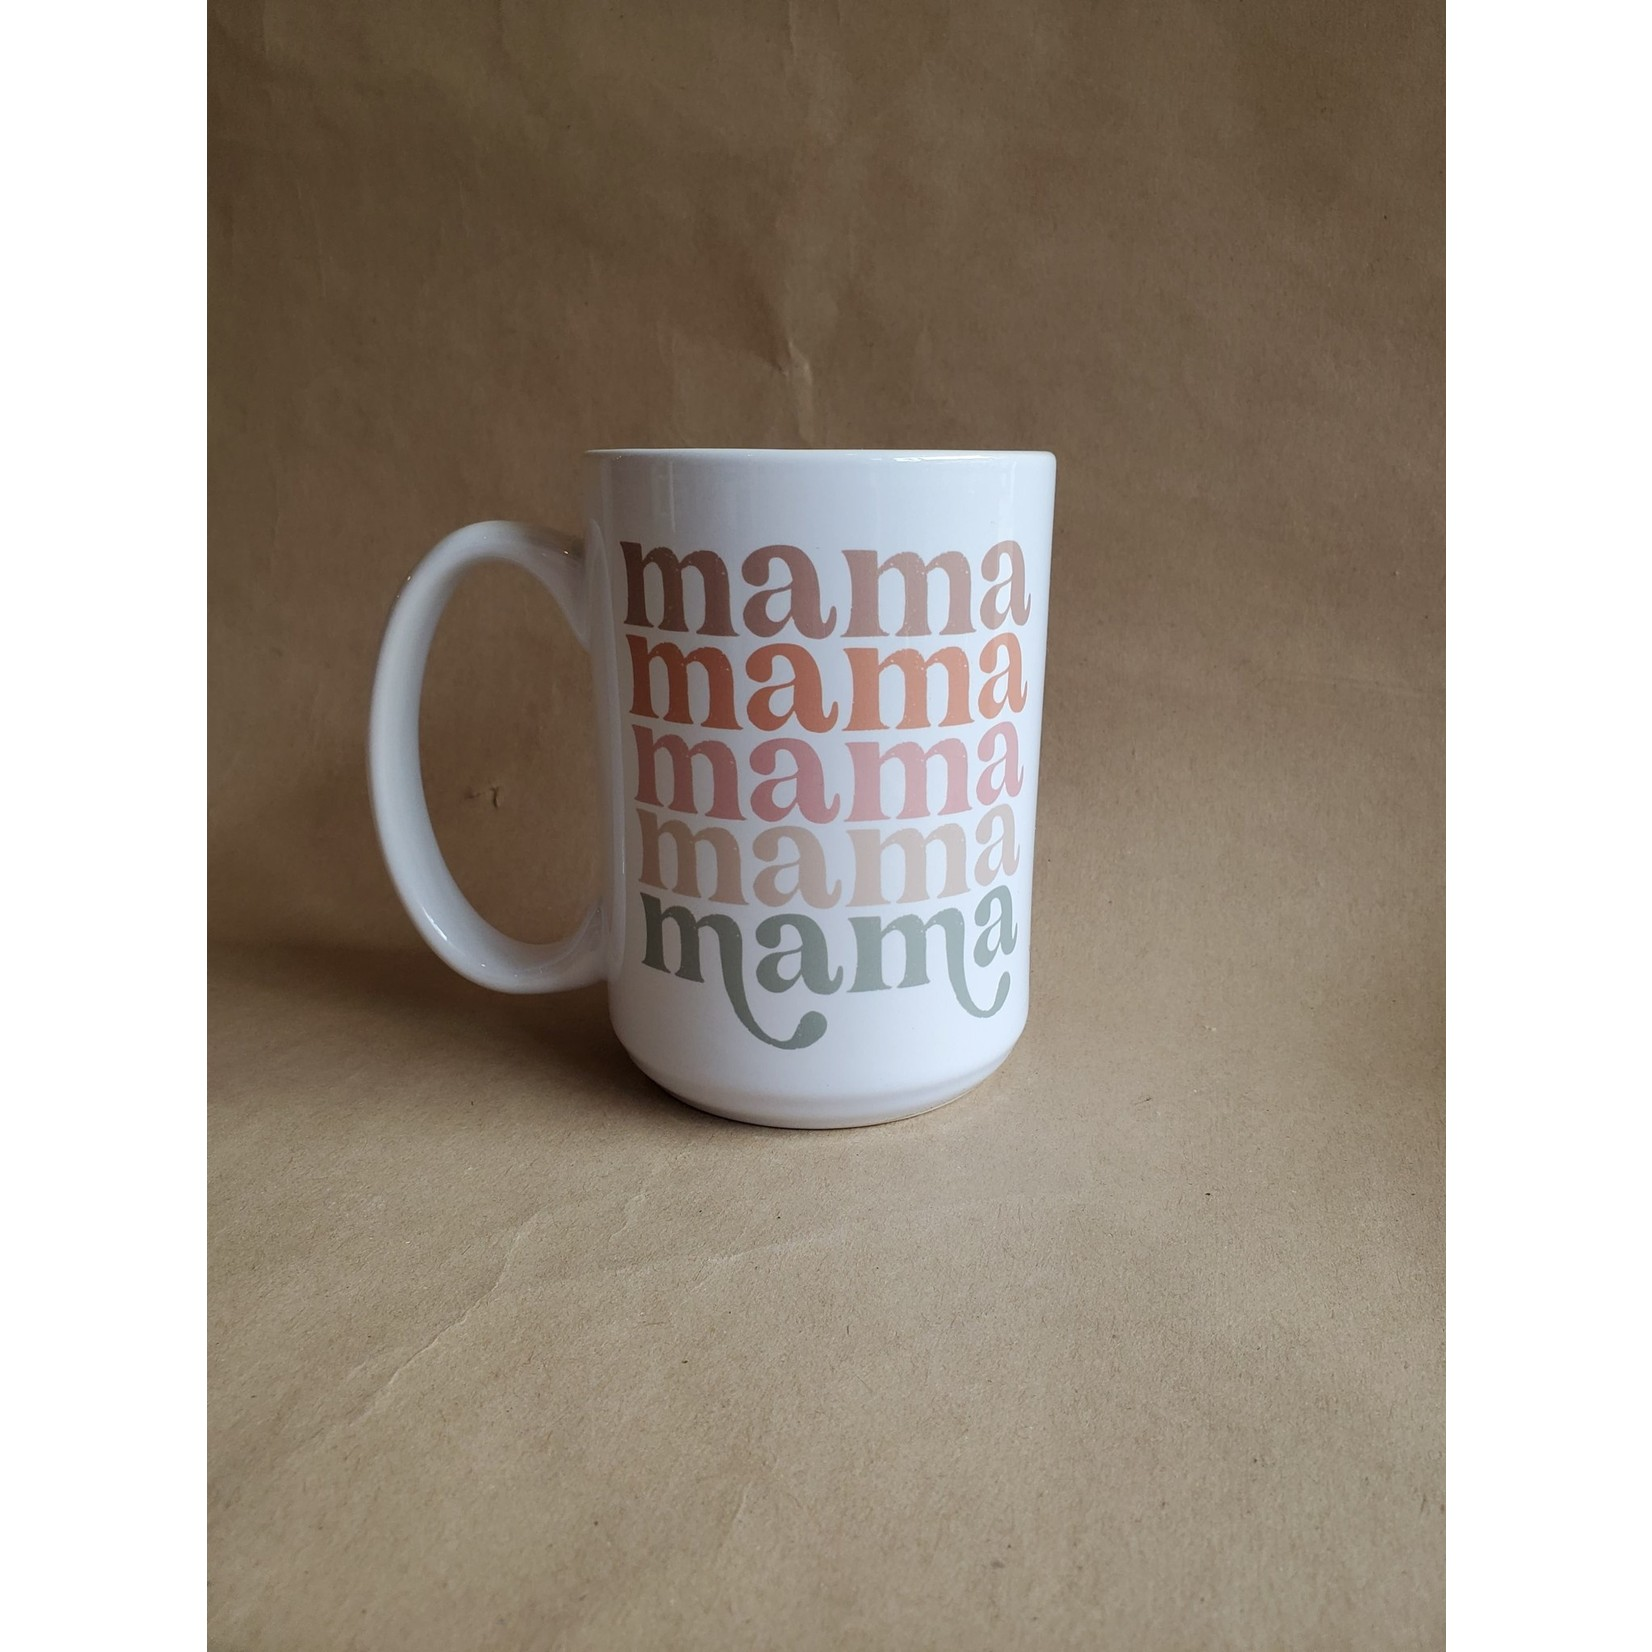 favourite things apparel Mama Retro Mug